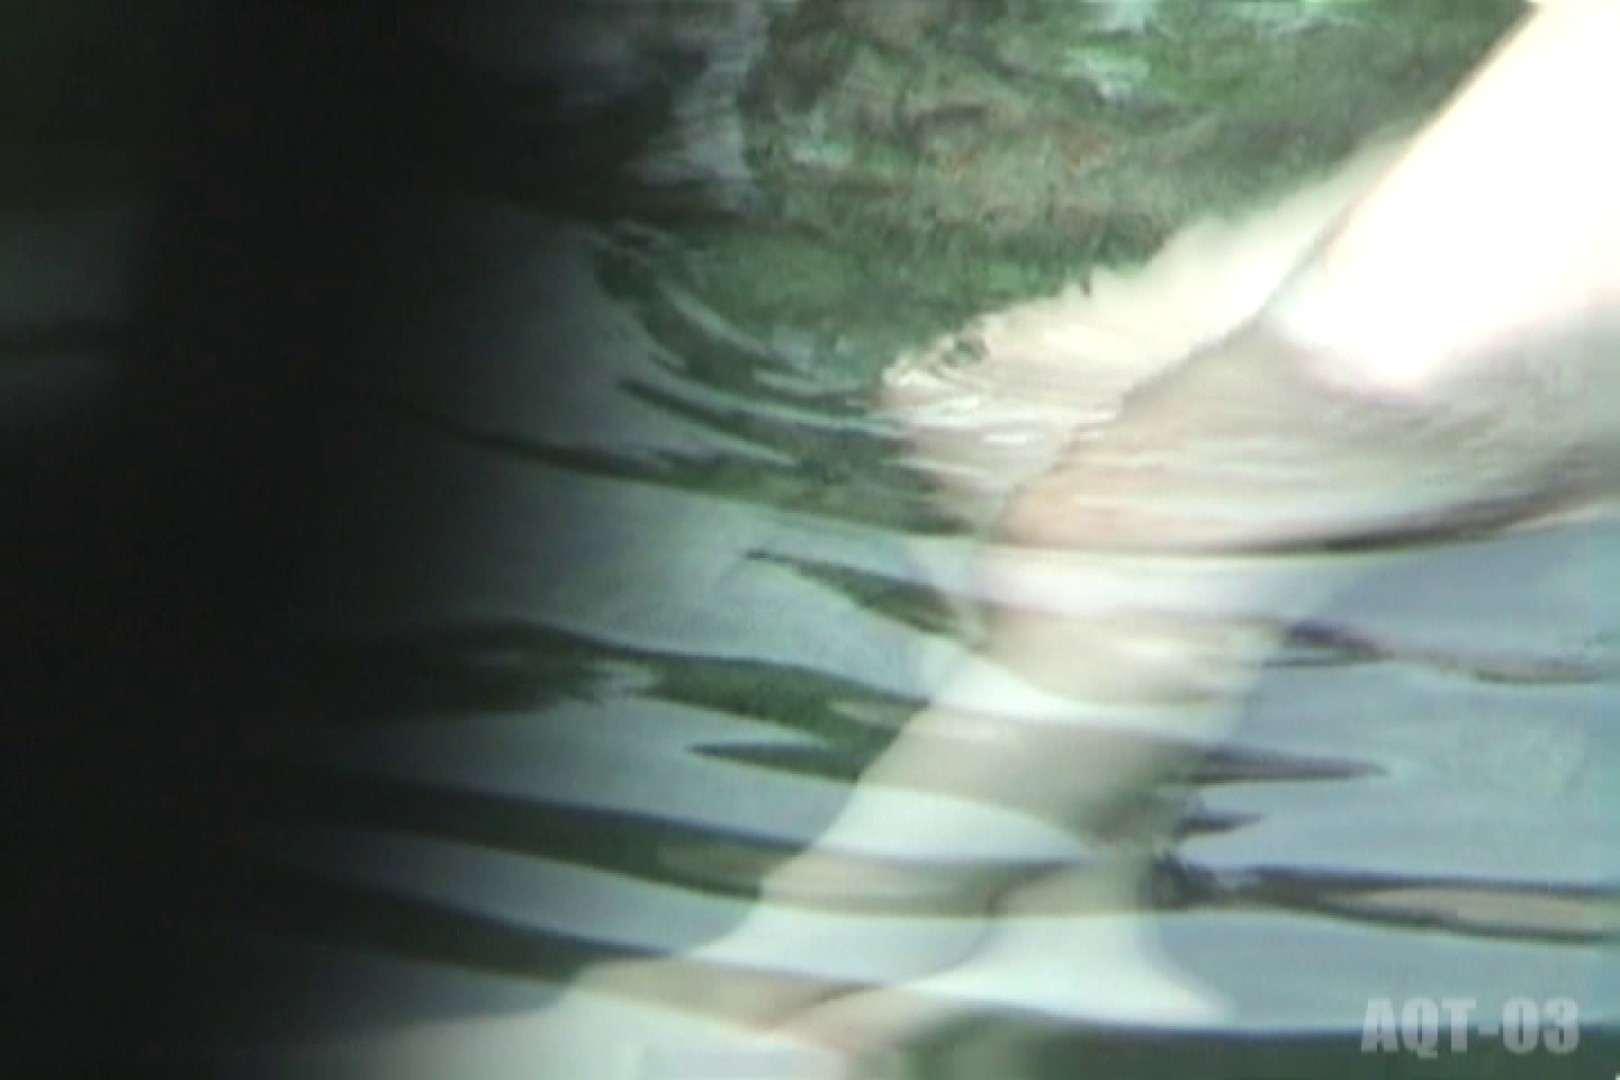 Aquaな露天風呂Vol.727 盗撮   OLのエロ生活  40連発 31